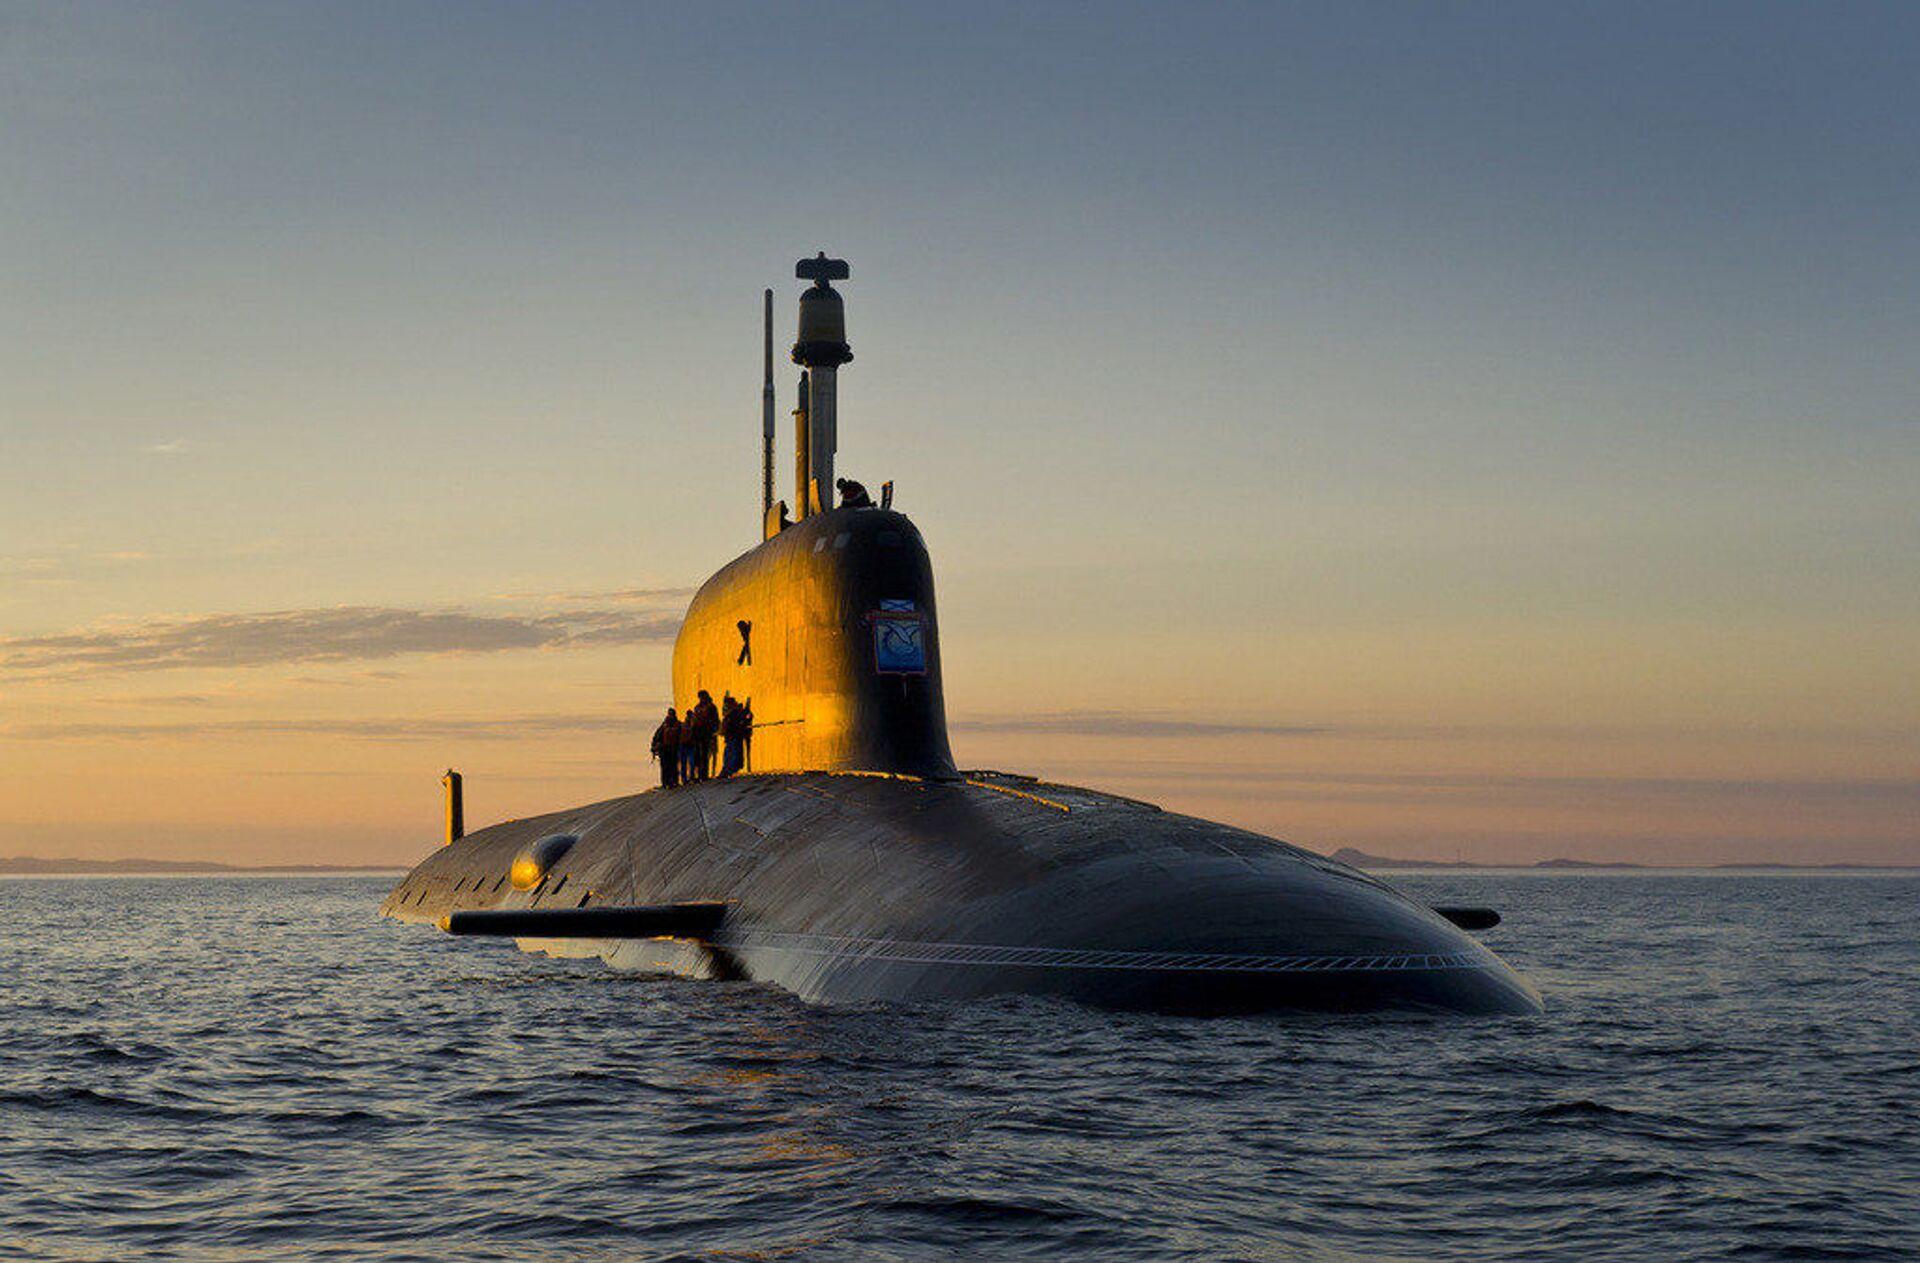 Ponorka projektu Jaseň-M - Sputnik Česká republika, 1920, 20.04.2021